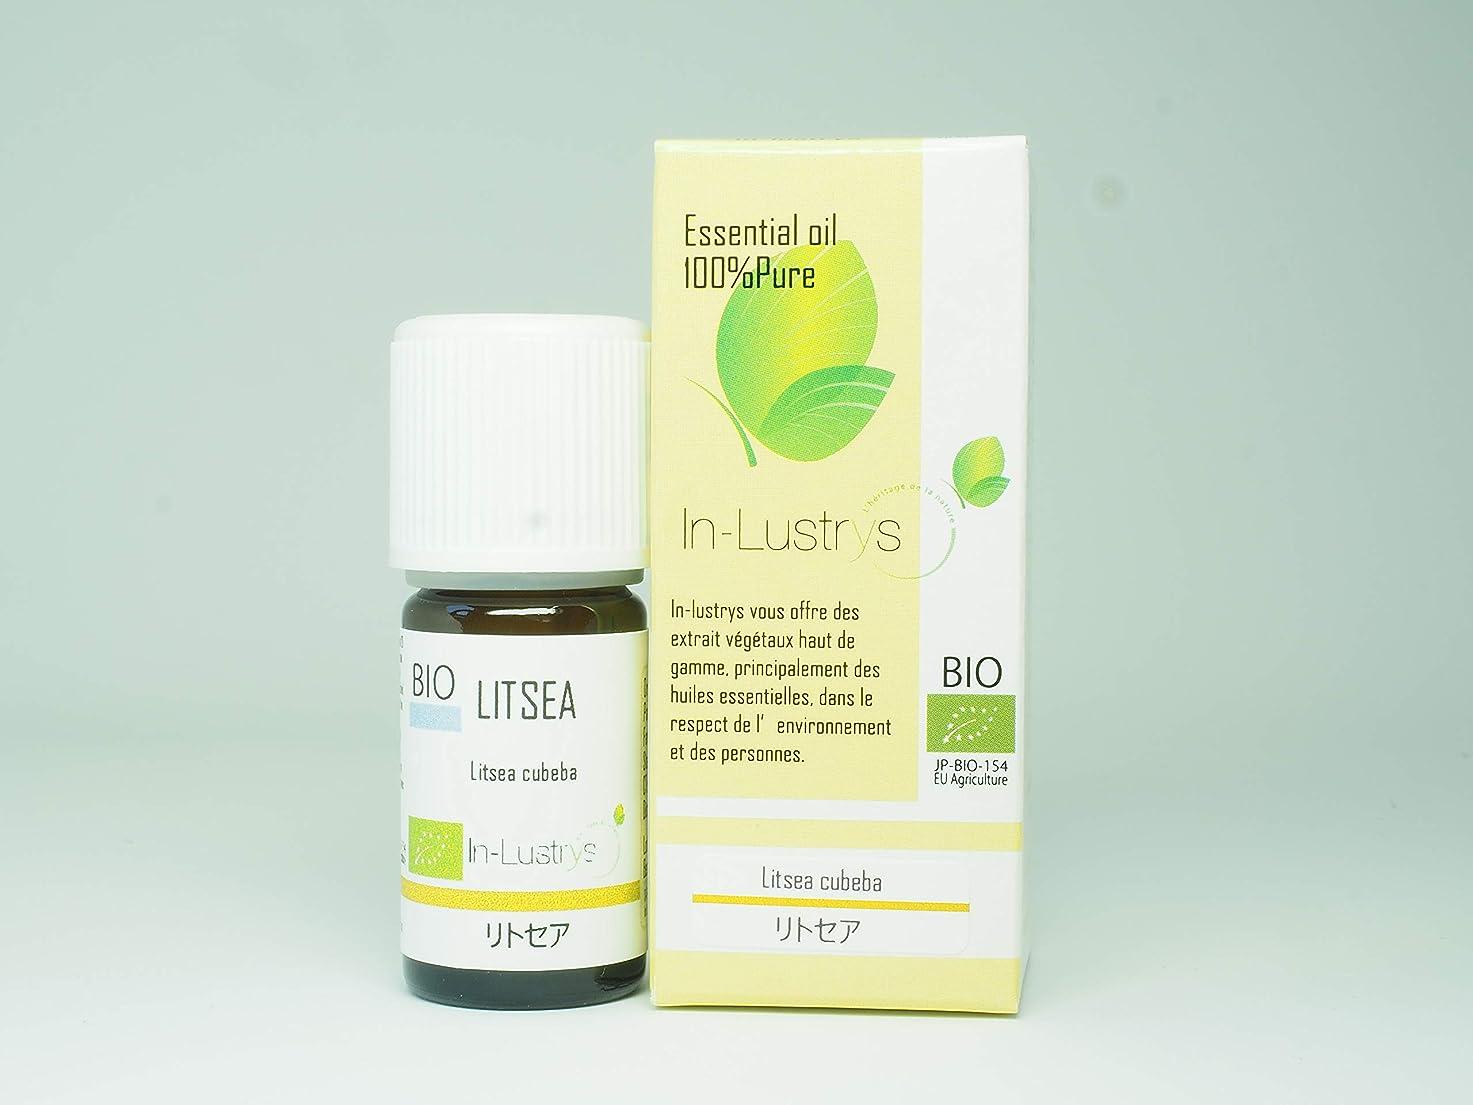 ビタミン始めるであるインラストリーズ エッセンシャルオイル リトセア 5ml(学名Litsea cubeba)